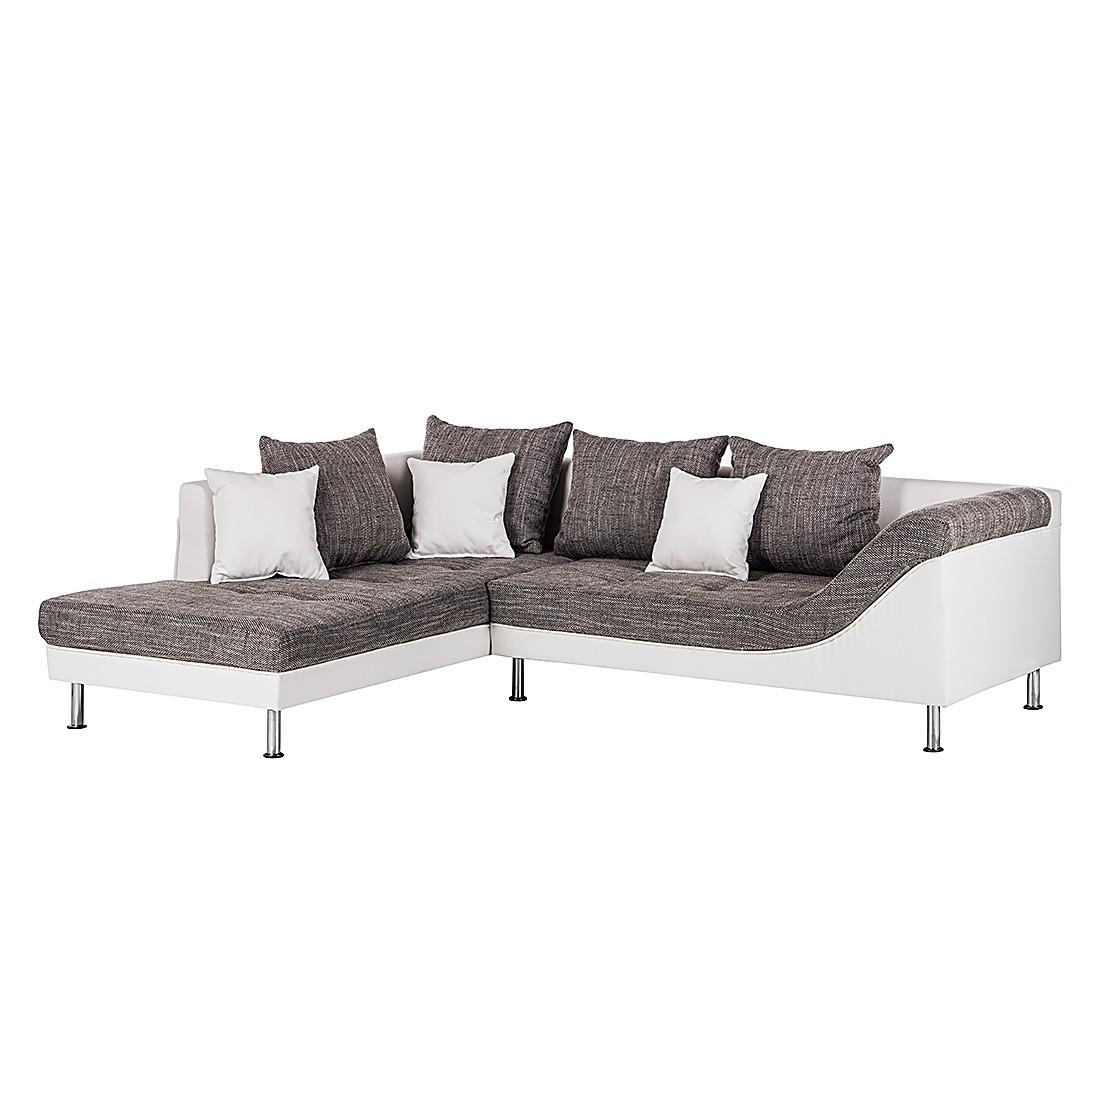 Canapé d'angle SitCom - Imitation cuir / Tissu structuré - Méridienne à gauche (vue de face) - Blanc